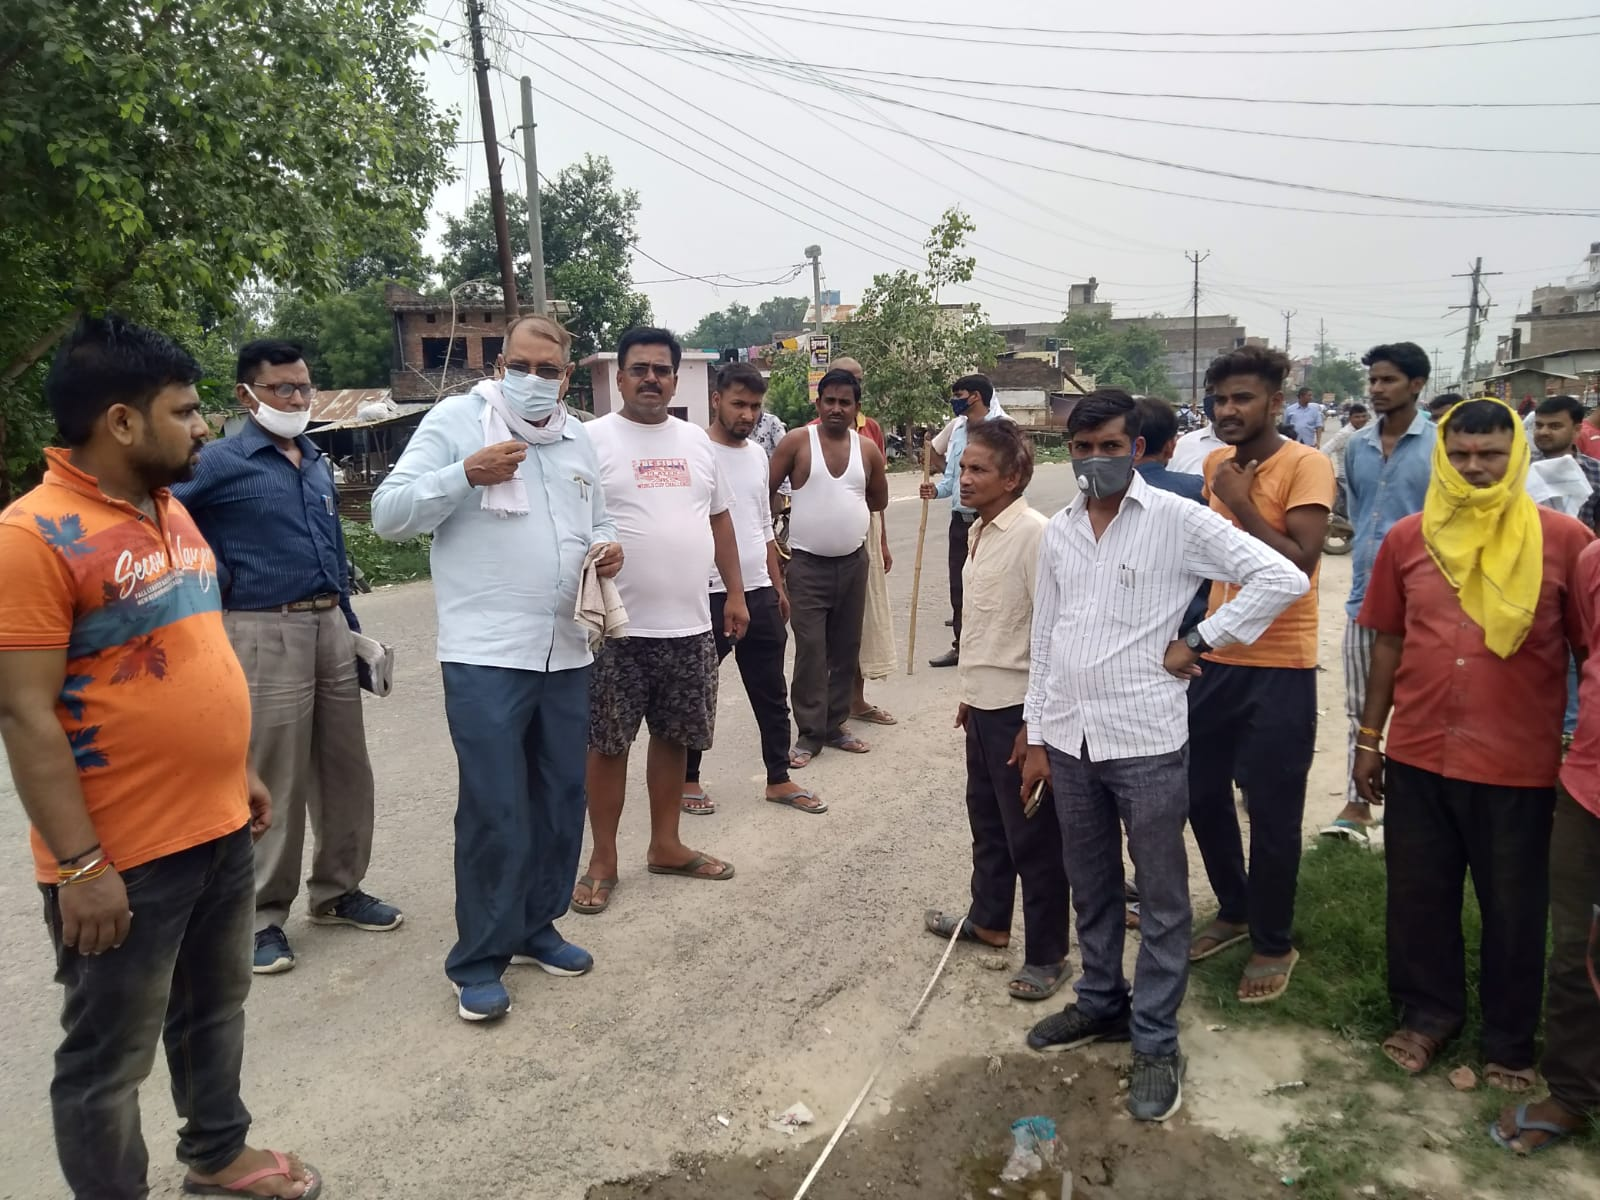 BJP नेता का आरोप- एनडी कृषि विश्वविद्यालय की जमीन पर बनवाया जा रहा शॉपिंग कॉम्प्लेक्स, पांच करोड़ में बेच दी गई यूनिवर्सिटी की जमीन|अयोध्या,Ayodhya - Dainik Bhaskar